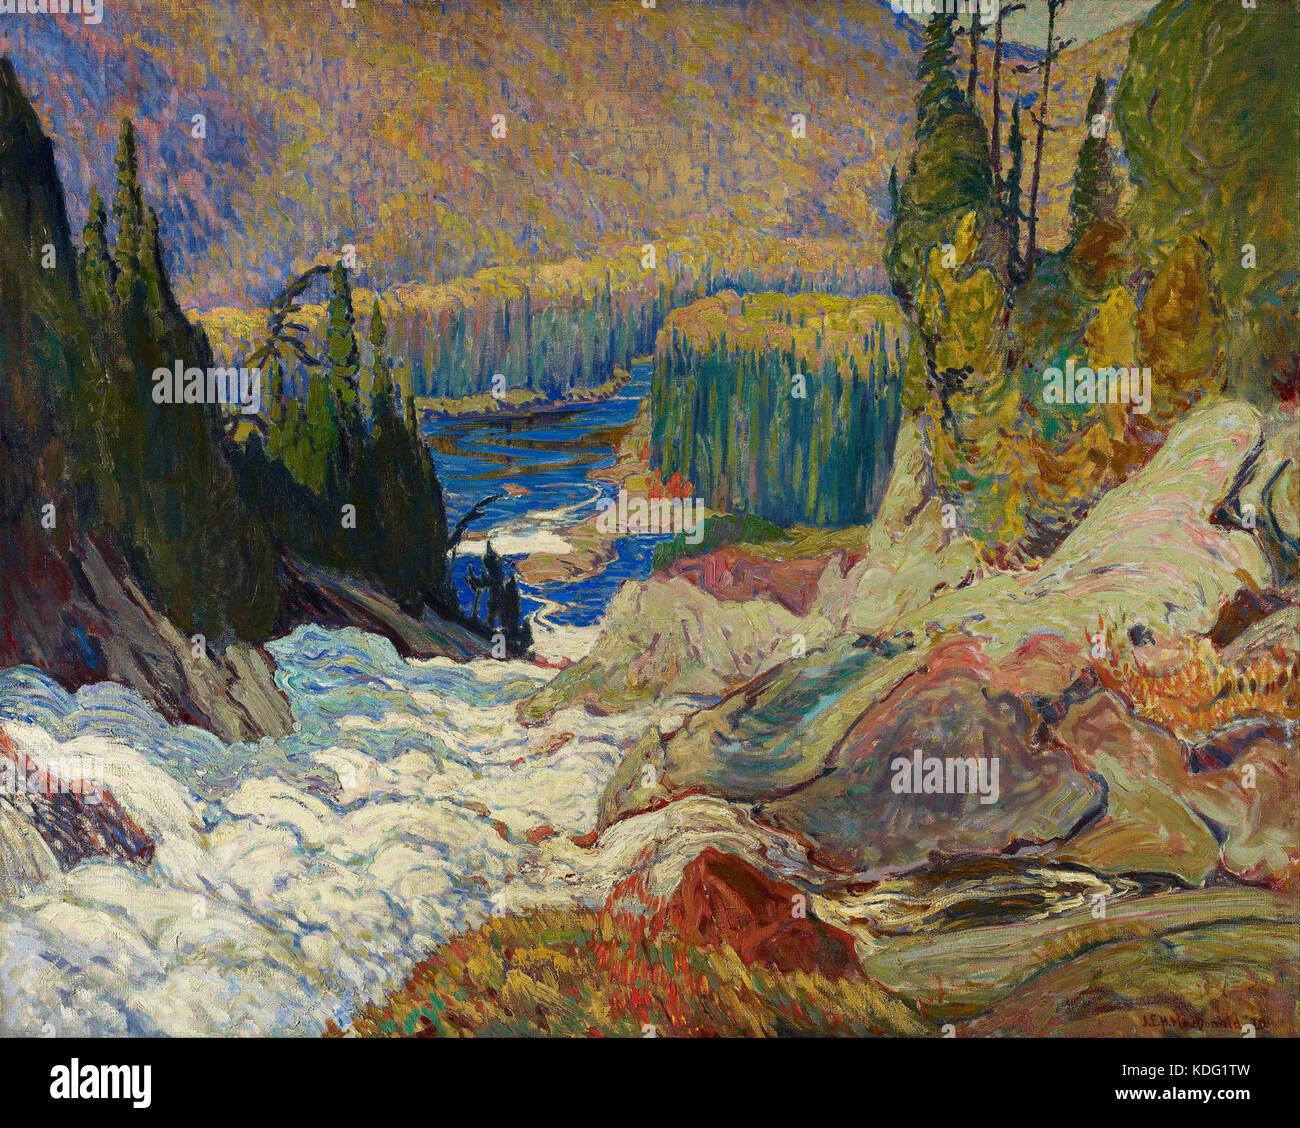 J Macdonald Stock Photos J Macdonald Stock Images Page 3 Alamy